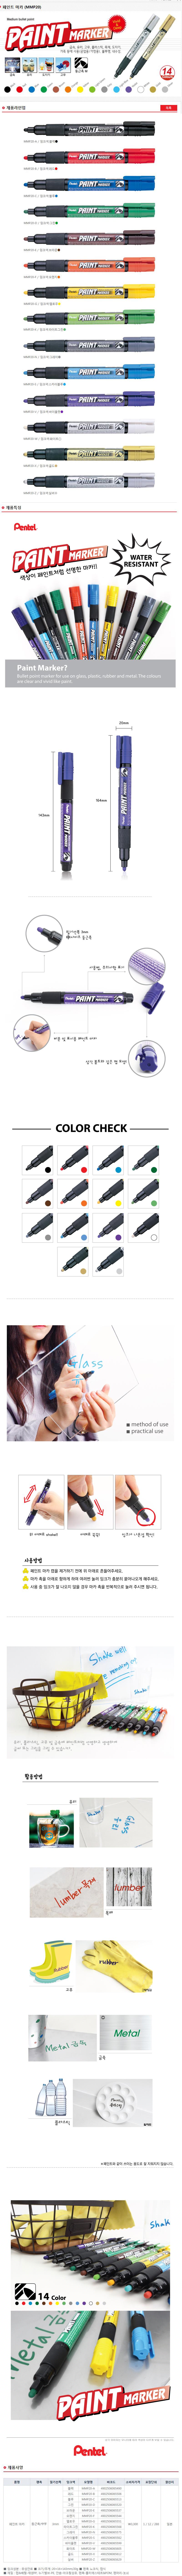 펜텔 페인트 마카 (MMP20) 금속, 유리, 플라스틱등 - 펜스테이션, 3,300원, 볼펜, 멀티색상 볼펜